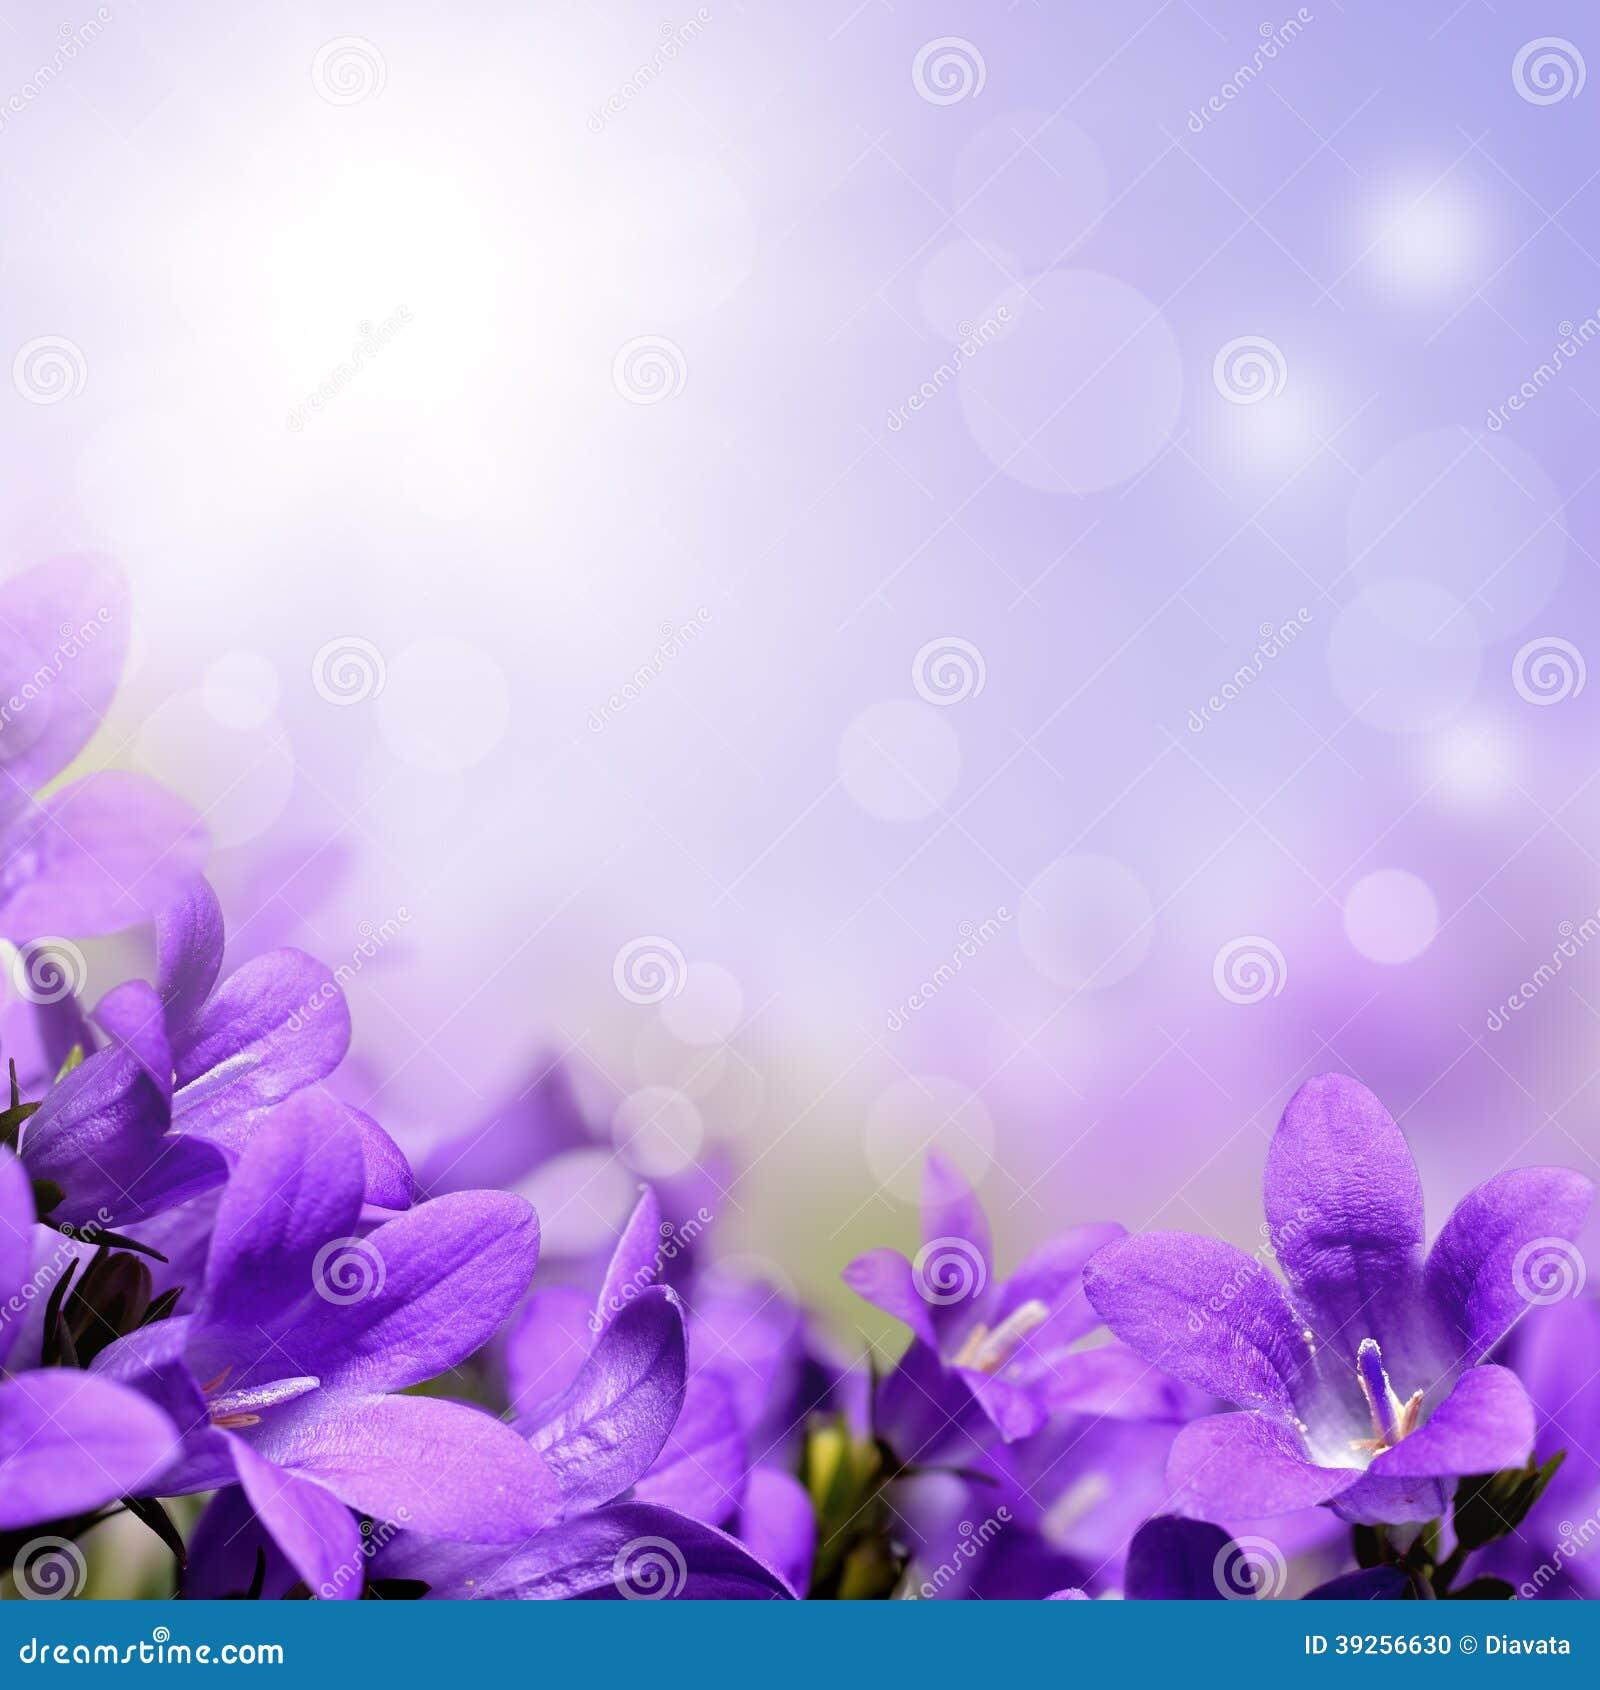 Abstrakter Frühlingshintergrund mit purpurroten Blumen